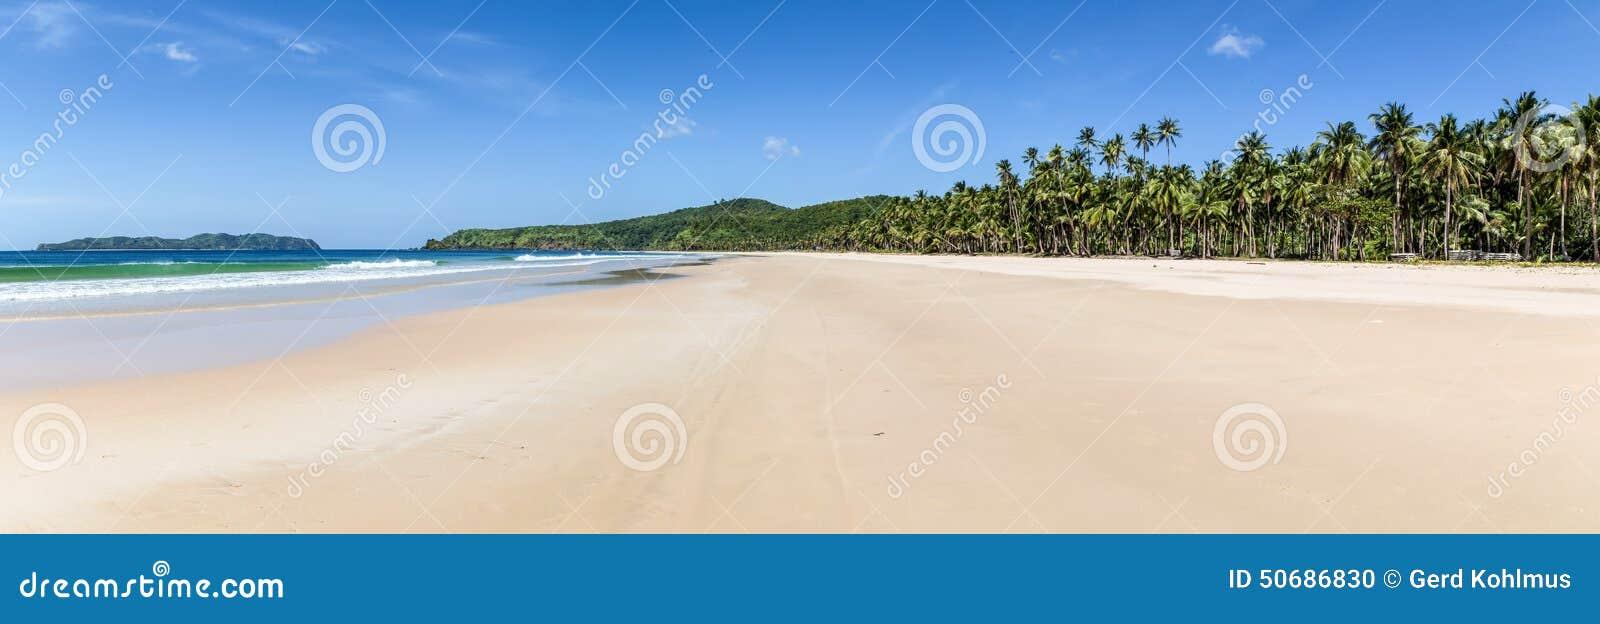 Download Nacpan海滩全景 库存照片. 图片 包括有 结算, 北部, 掌上型计算机, 天堂, 空白, 结构树, 火箭筒 - 50686830